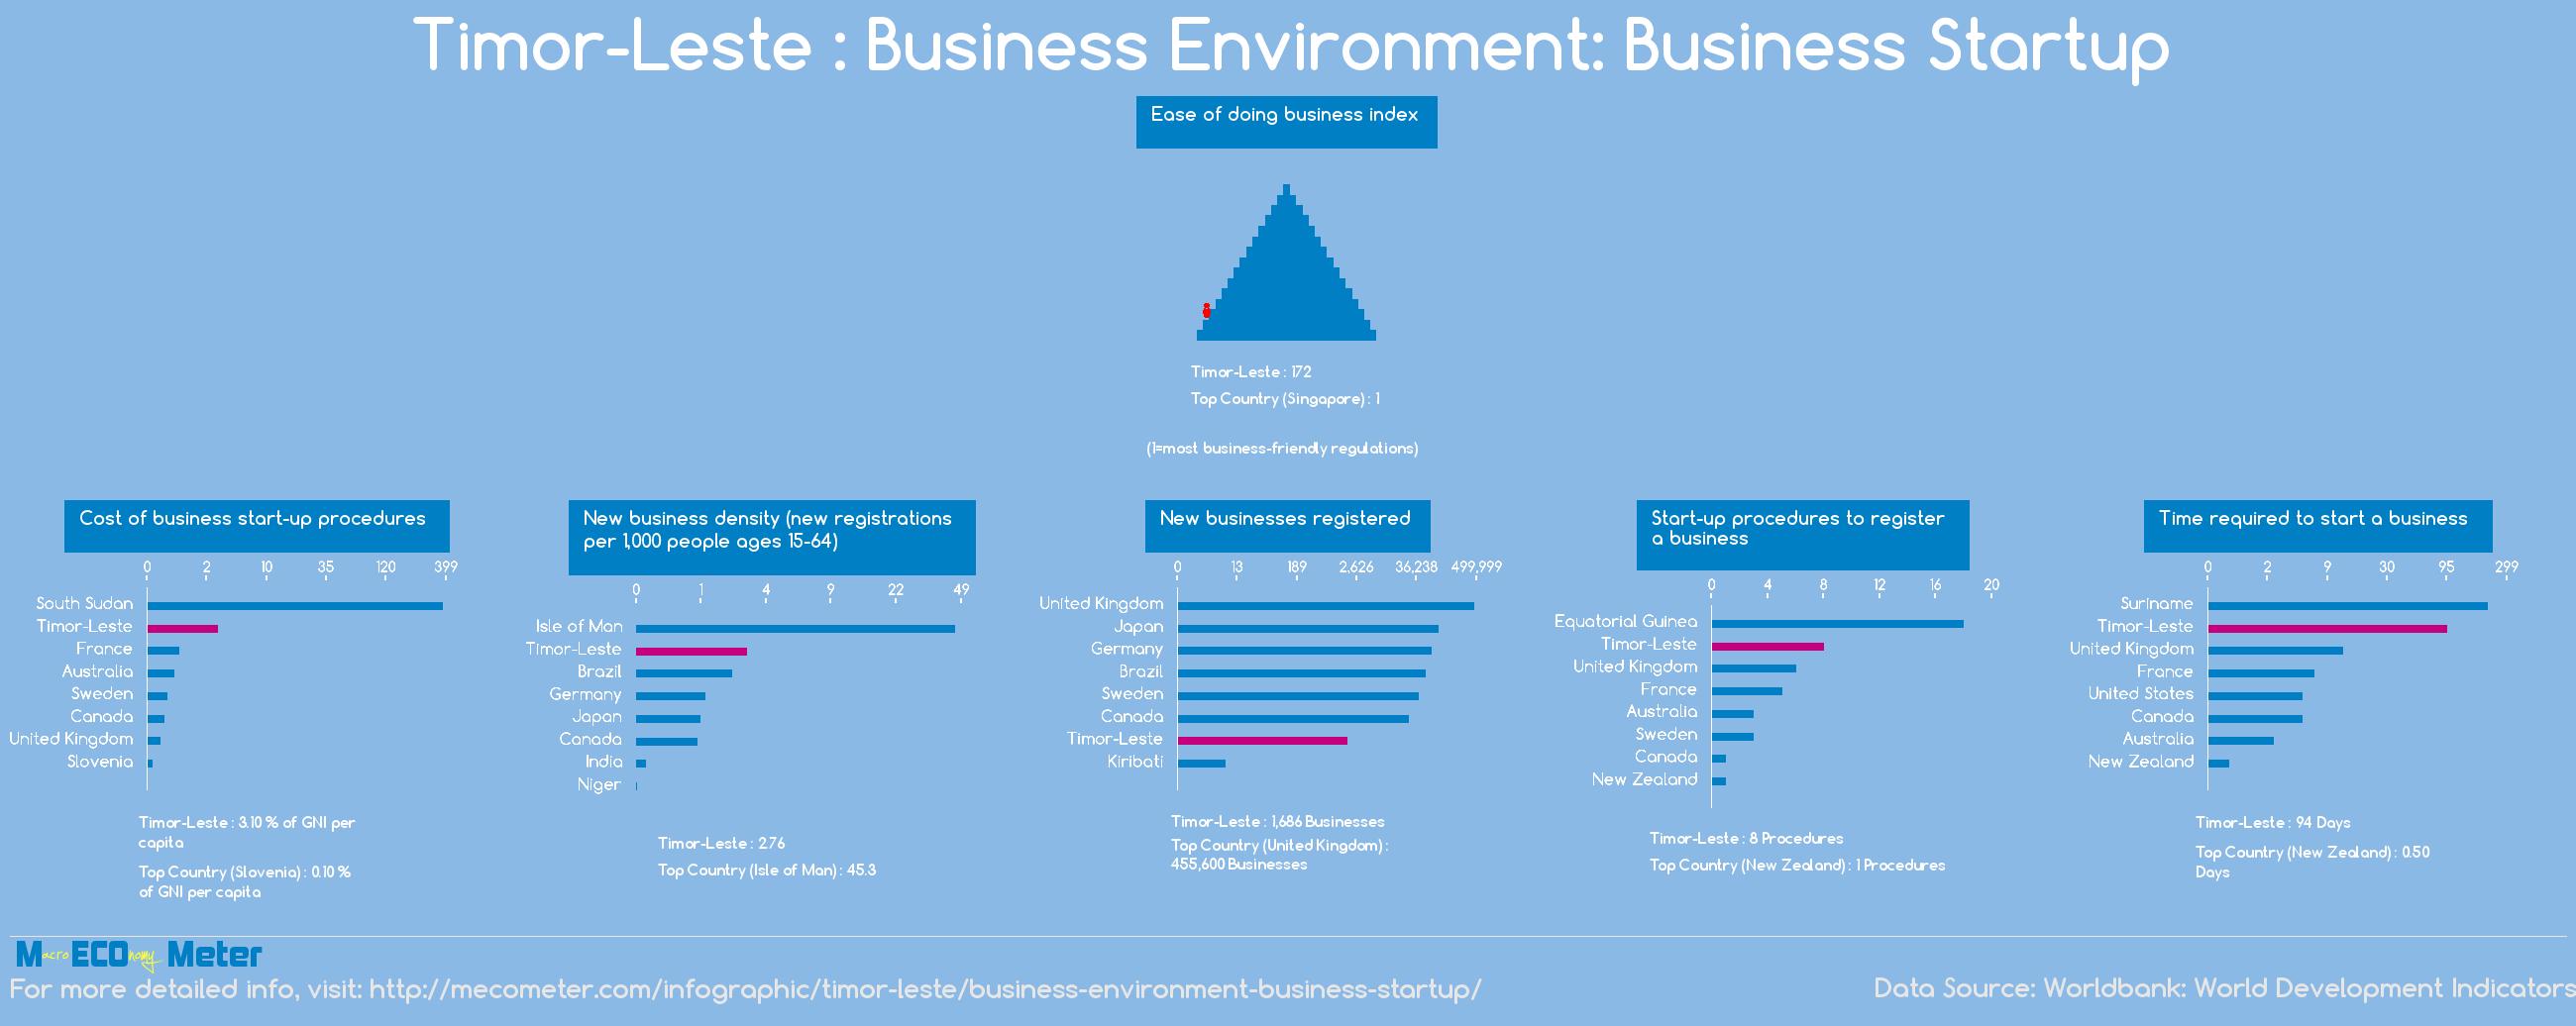 Timor-Leste : Business Environment: Business Startup